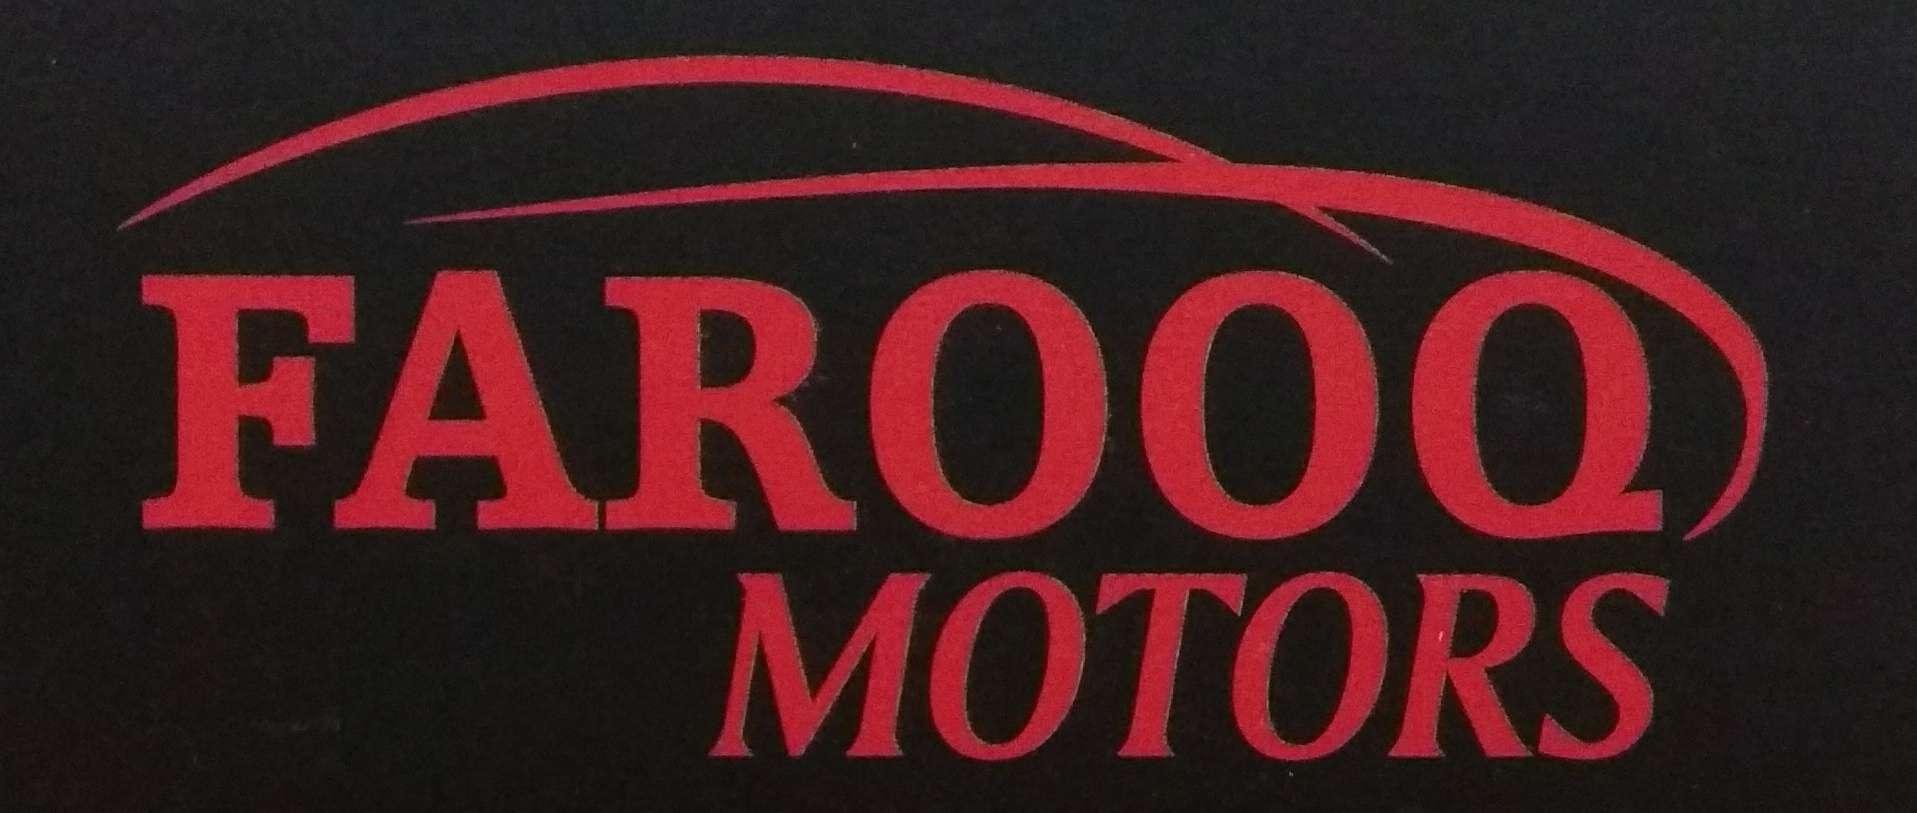 Farooq Motors